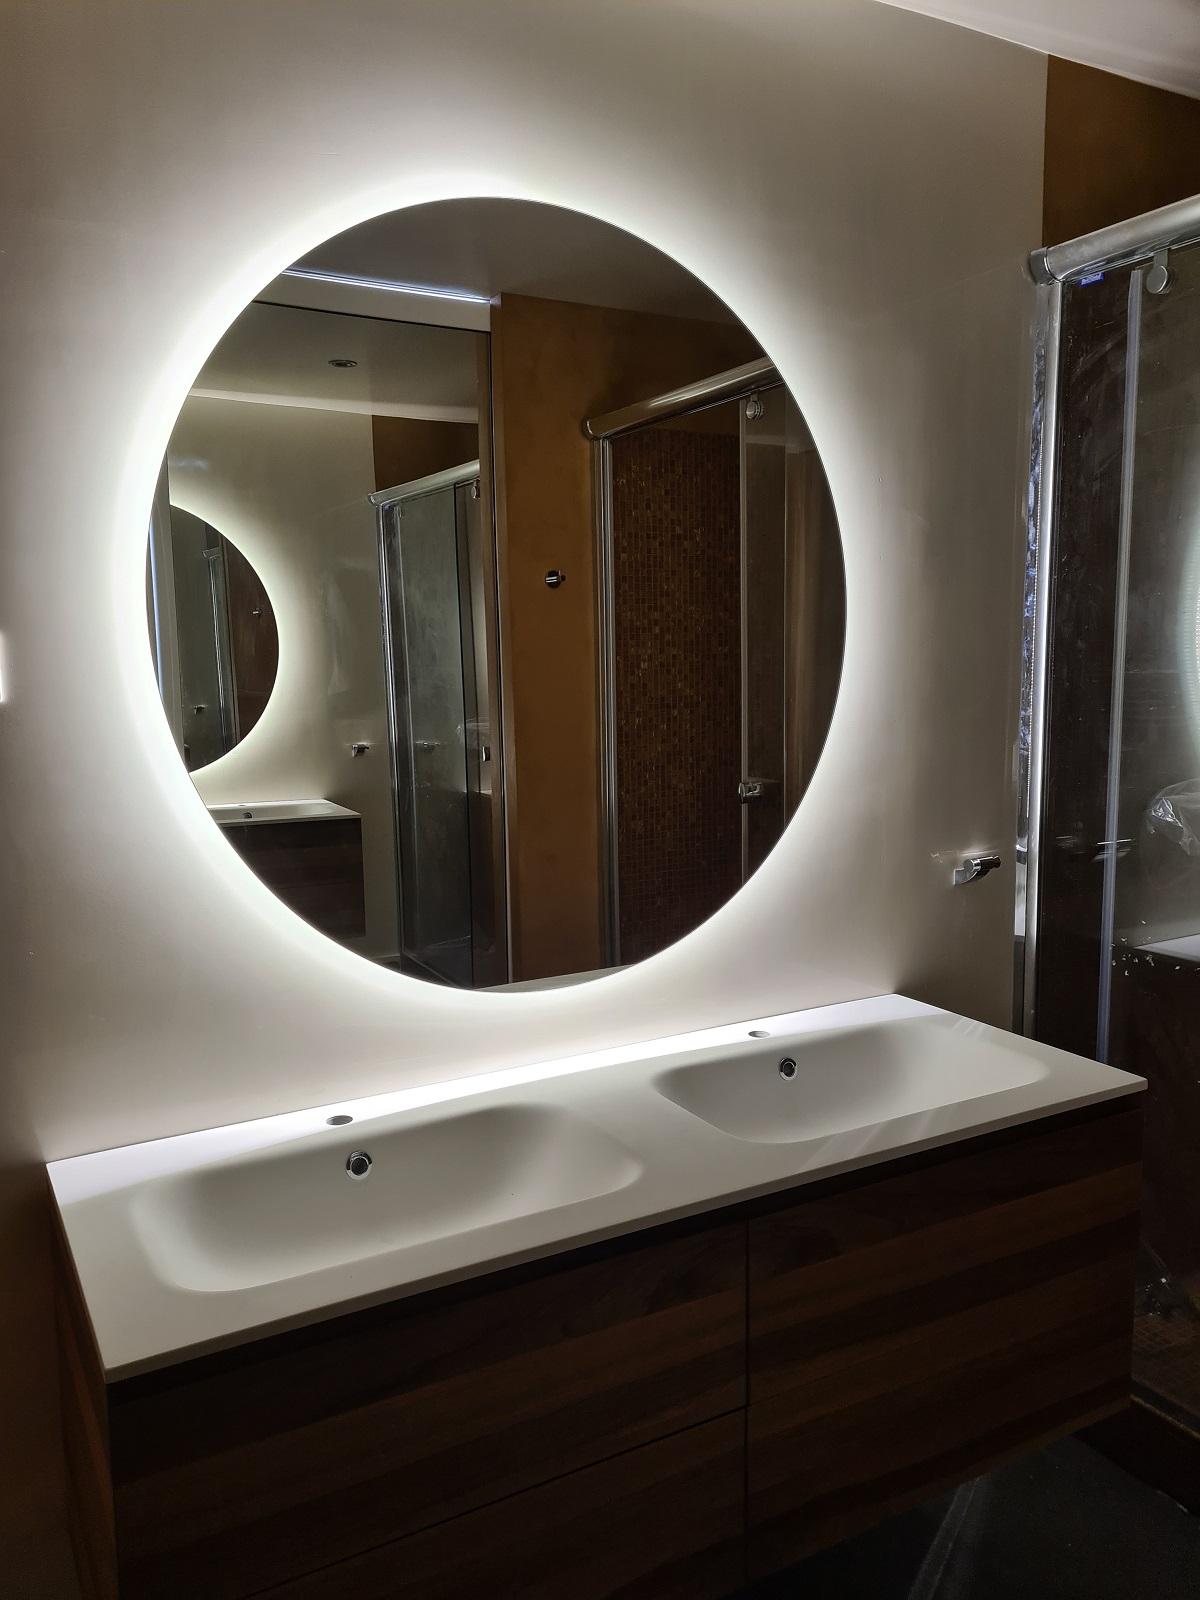 Pose d'un miroir rond lumineux éclairé par leds